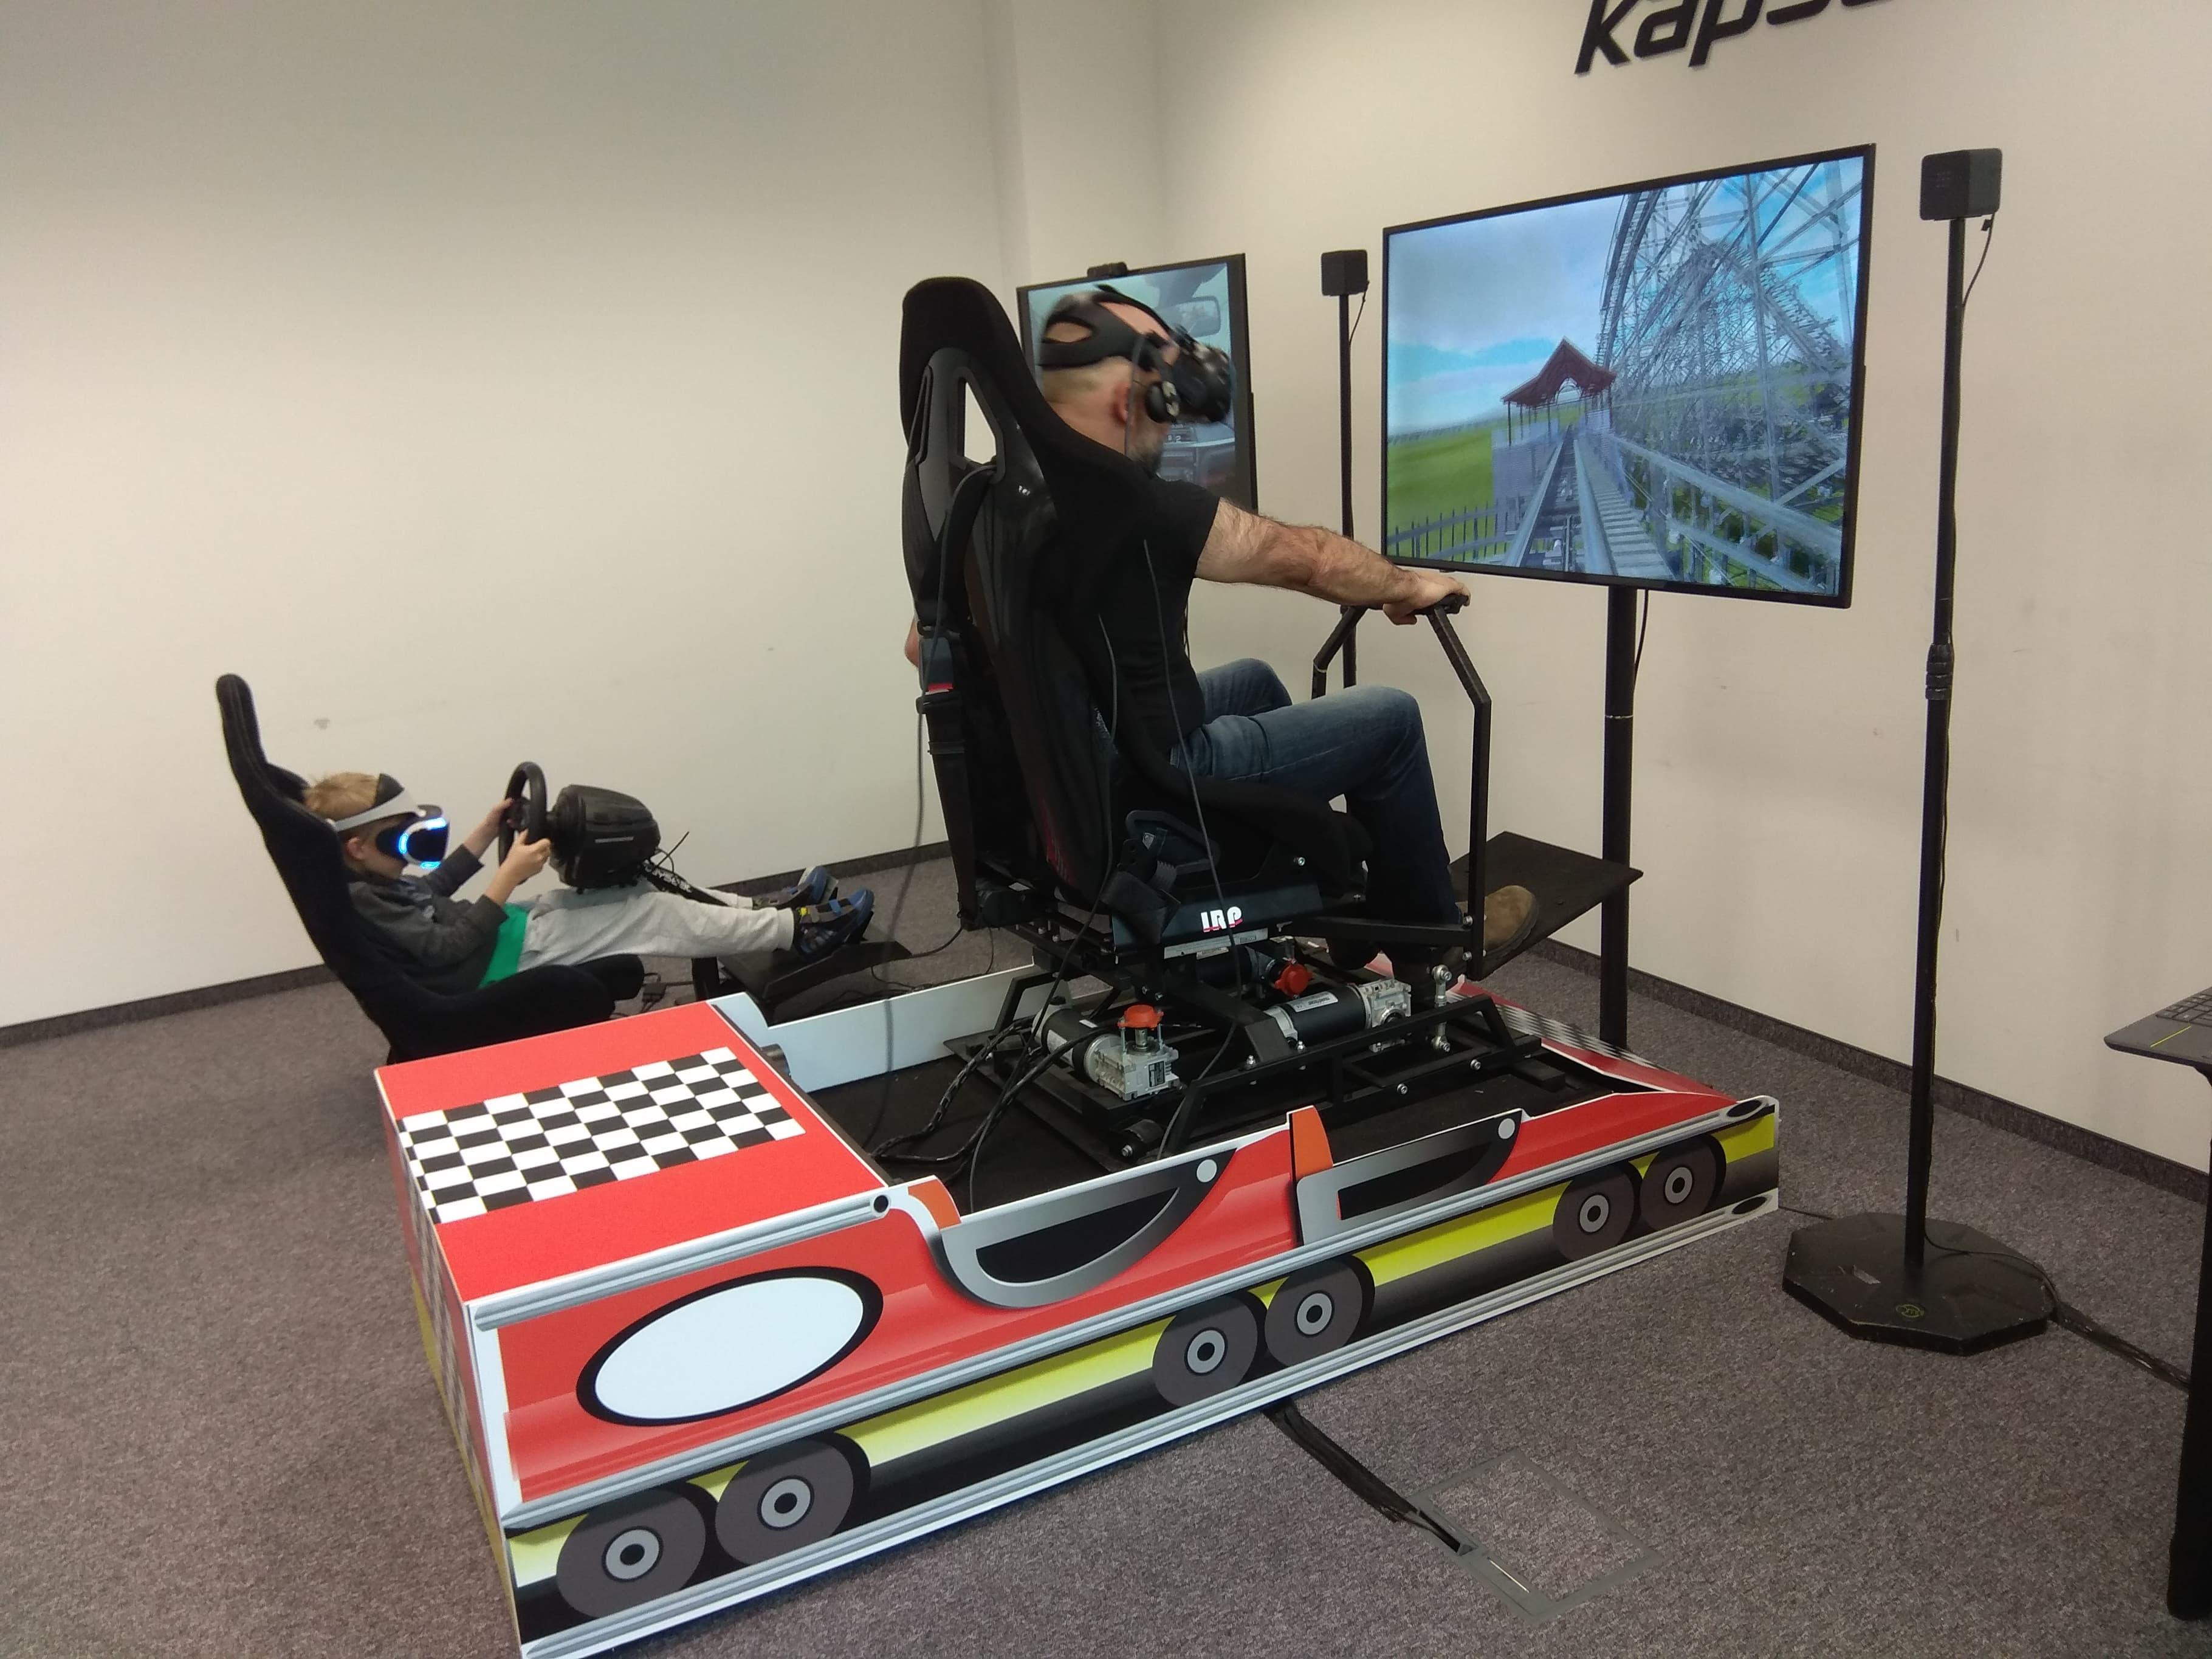 SYMULATORY VR na wynajem, GOGLE VR oraz ruchome symulatory.